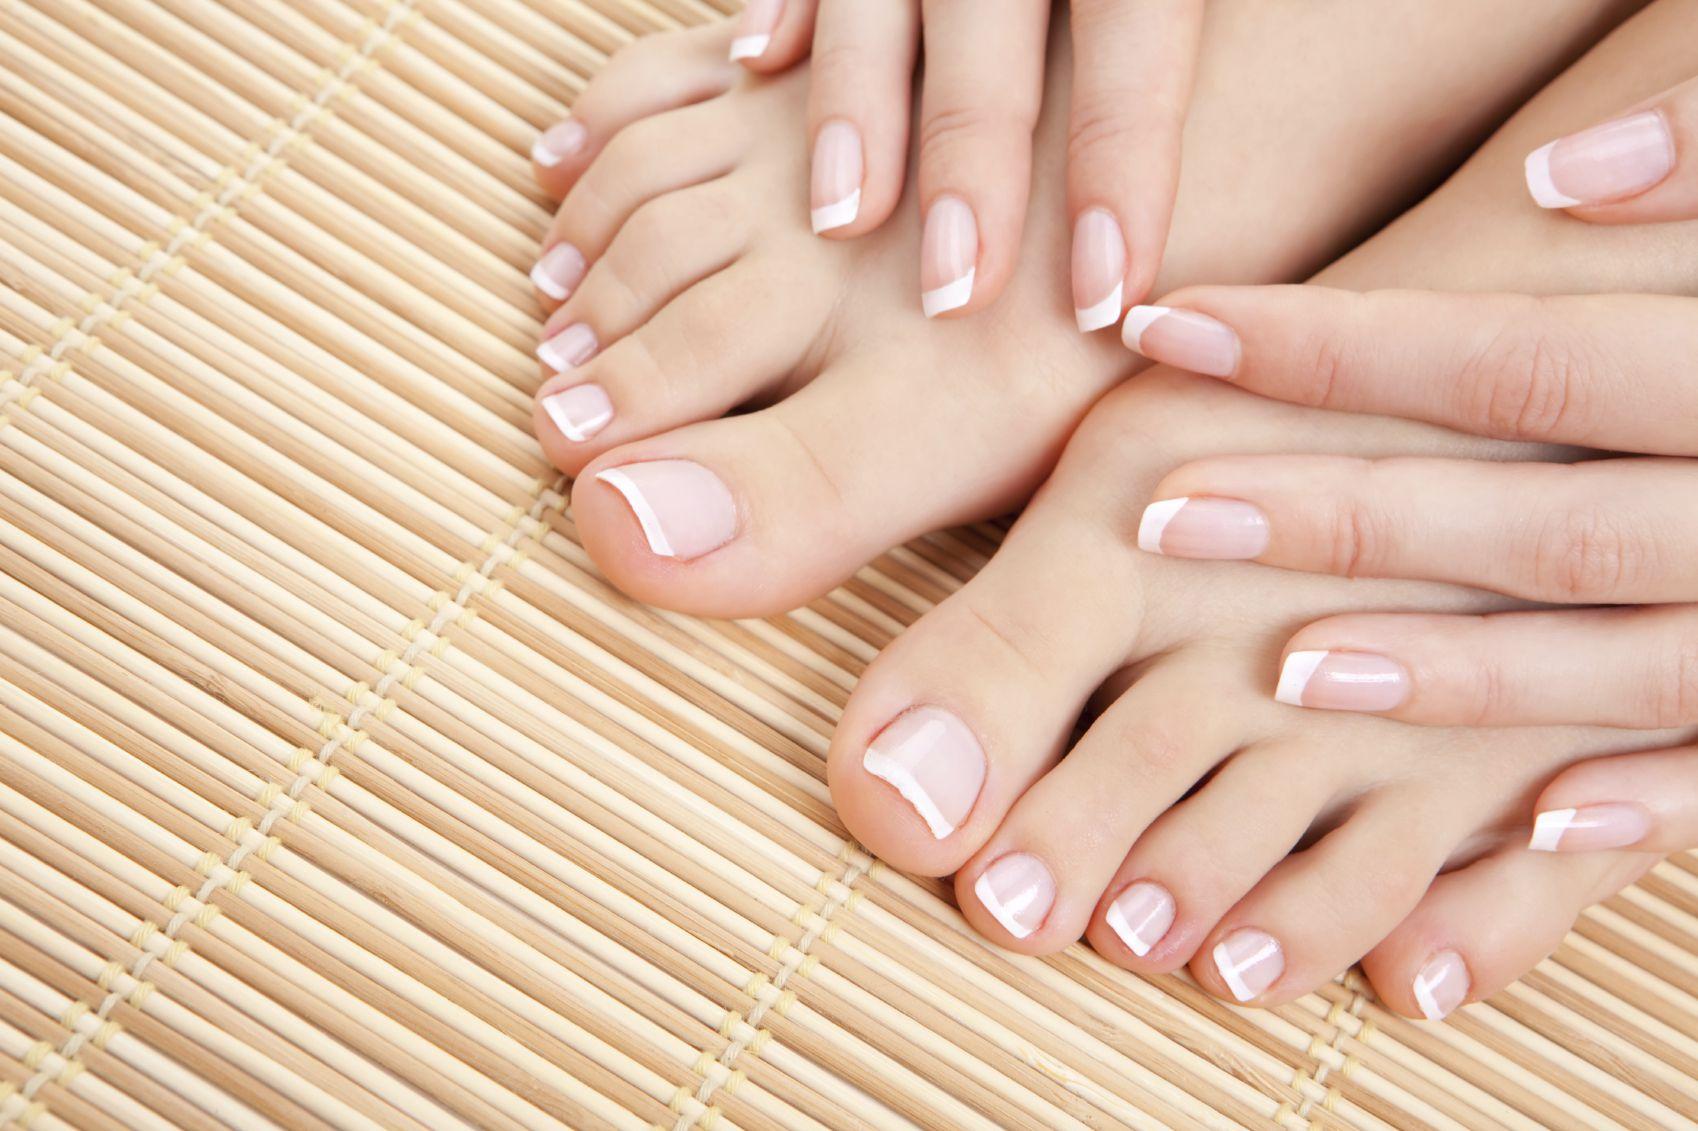 tiêm botox trị mồ hôi chân tay